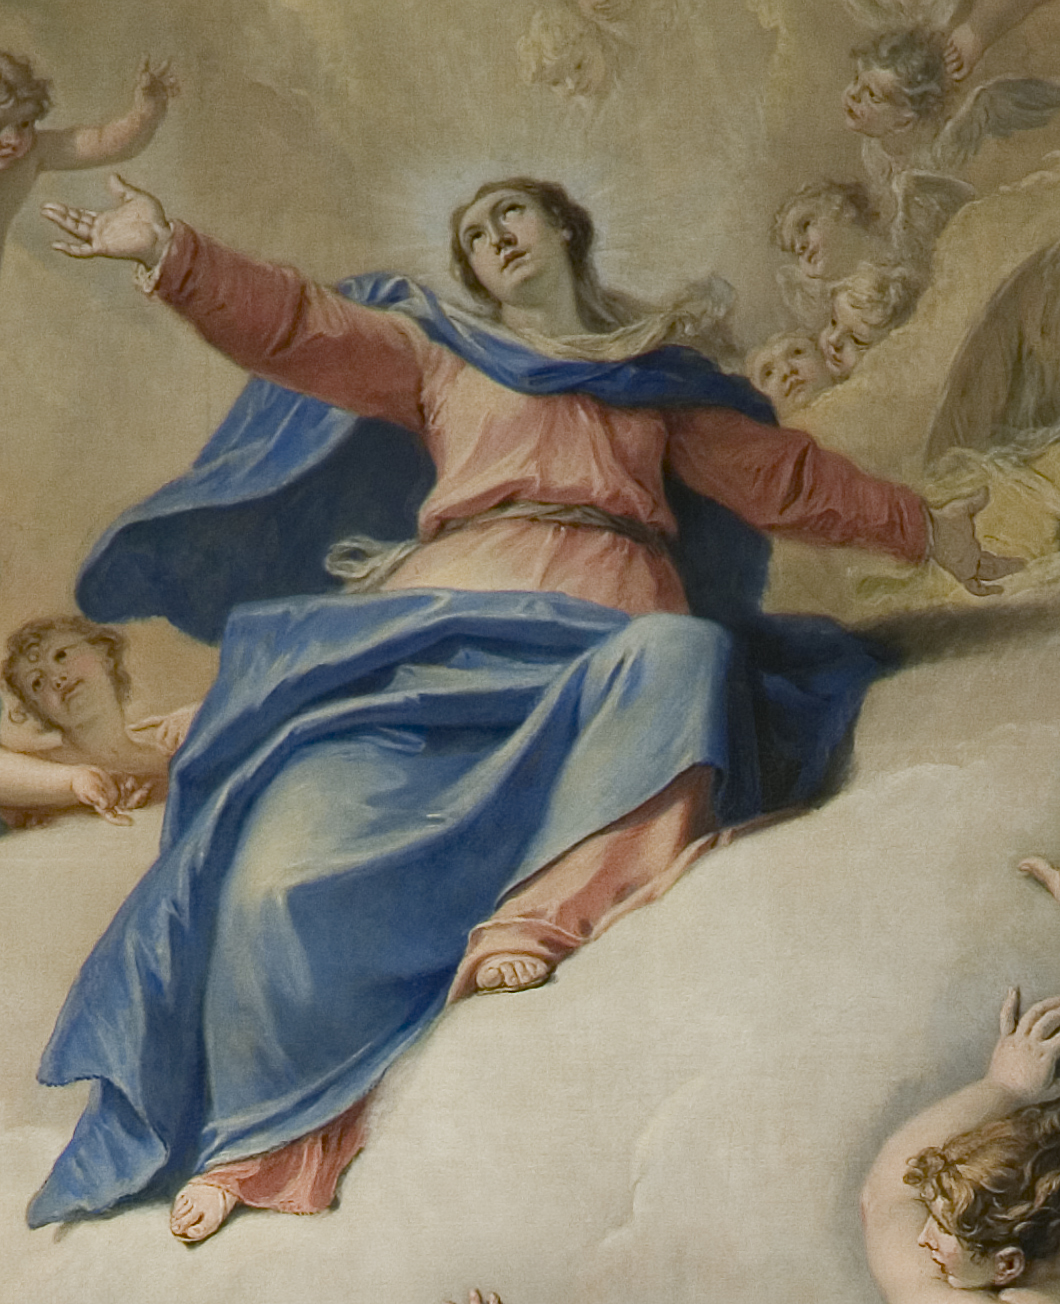 S.Ricci Maria Himmelfahrt Ausschnitt 6 Wien Karlskirche.jpg